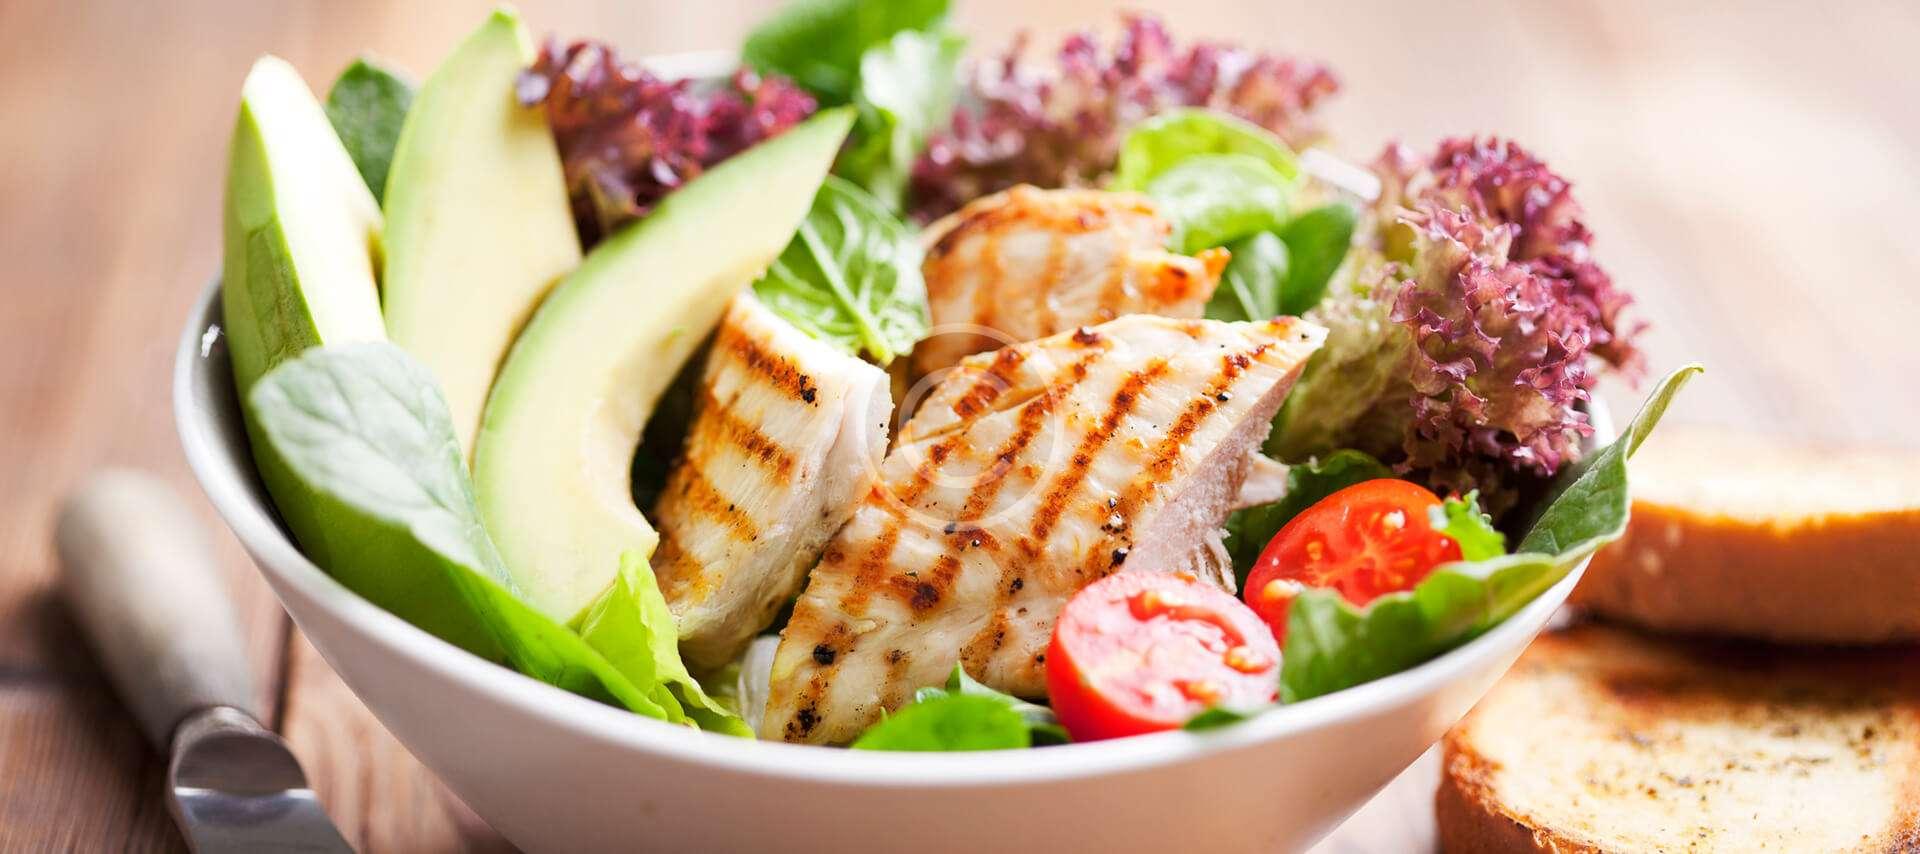 Mexican Chicken Avocado Salad